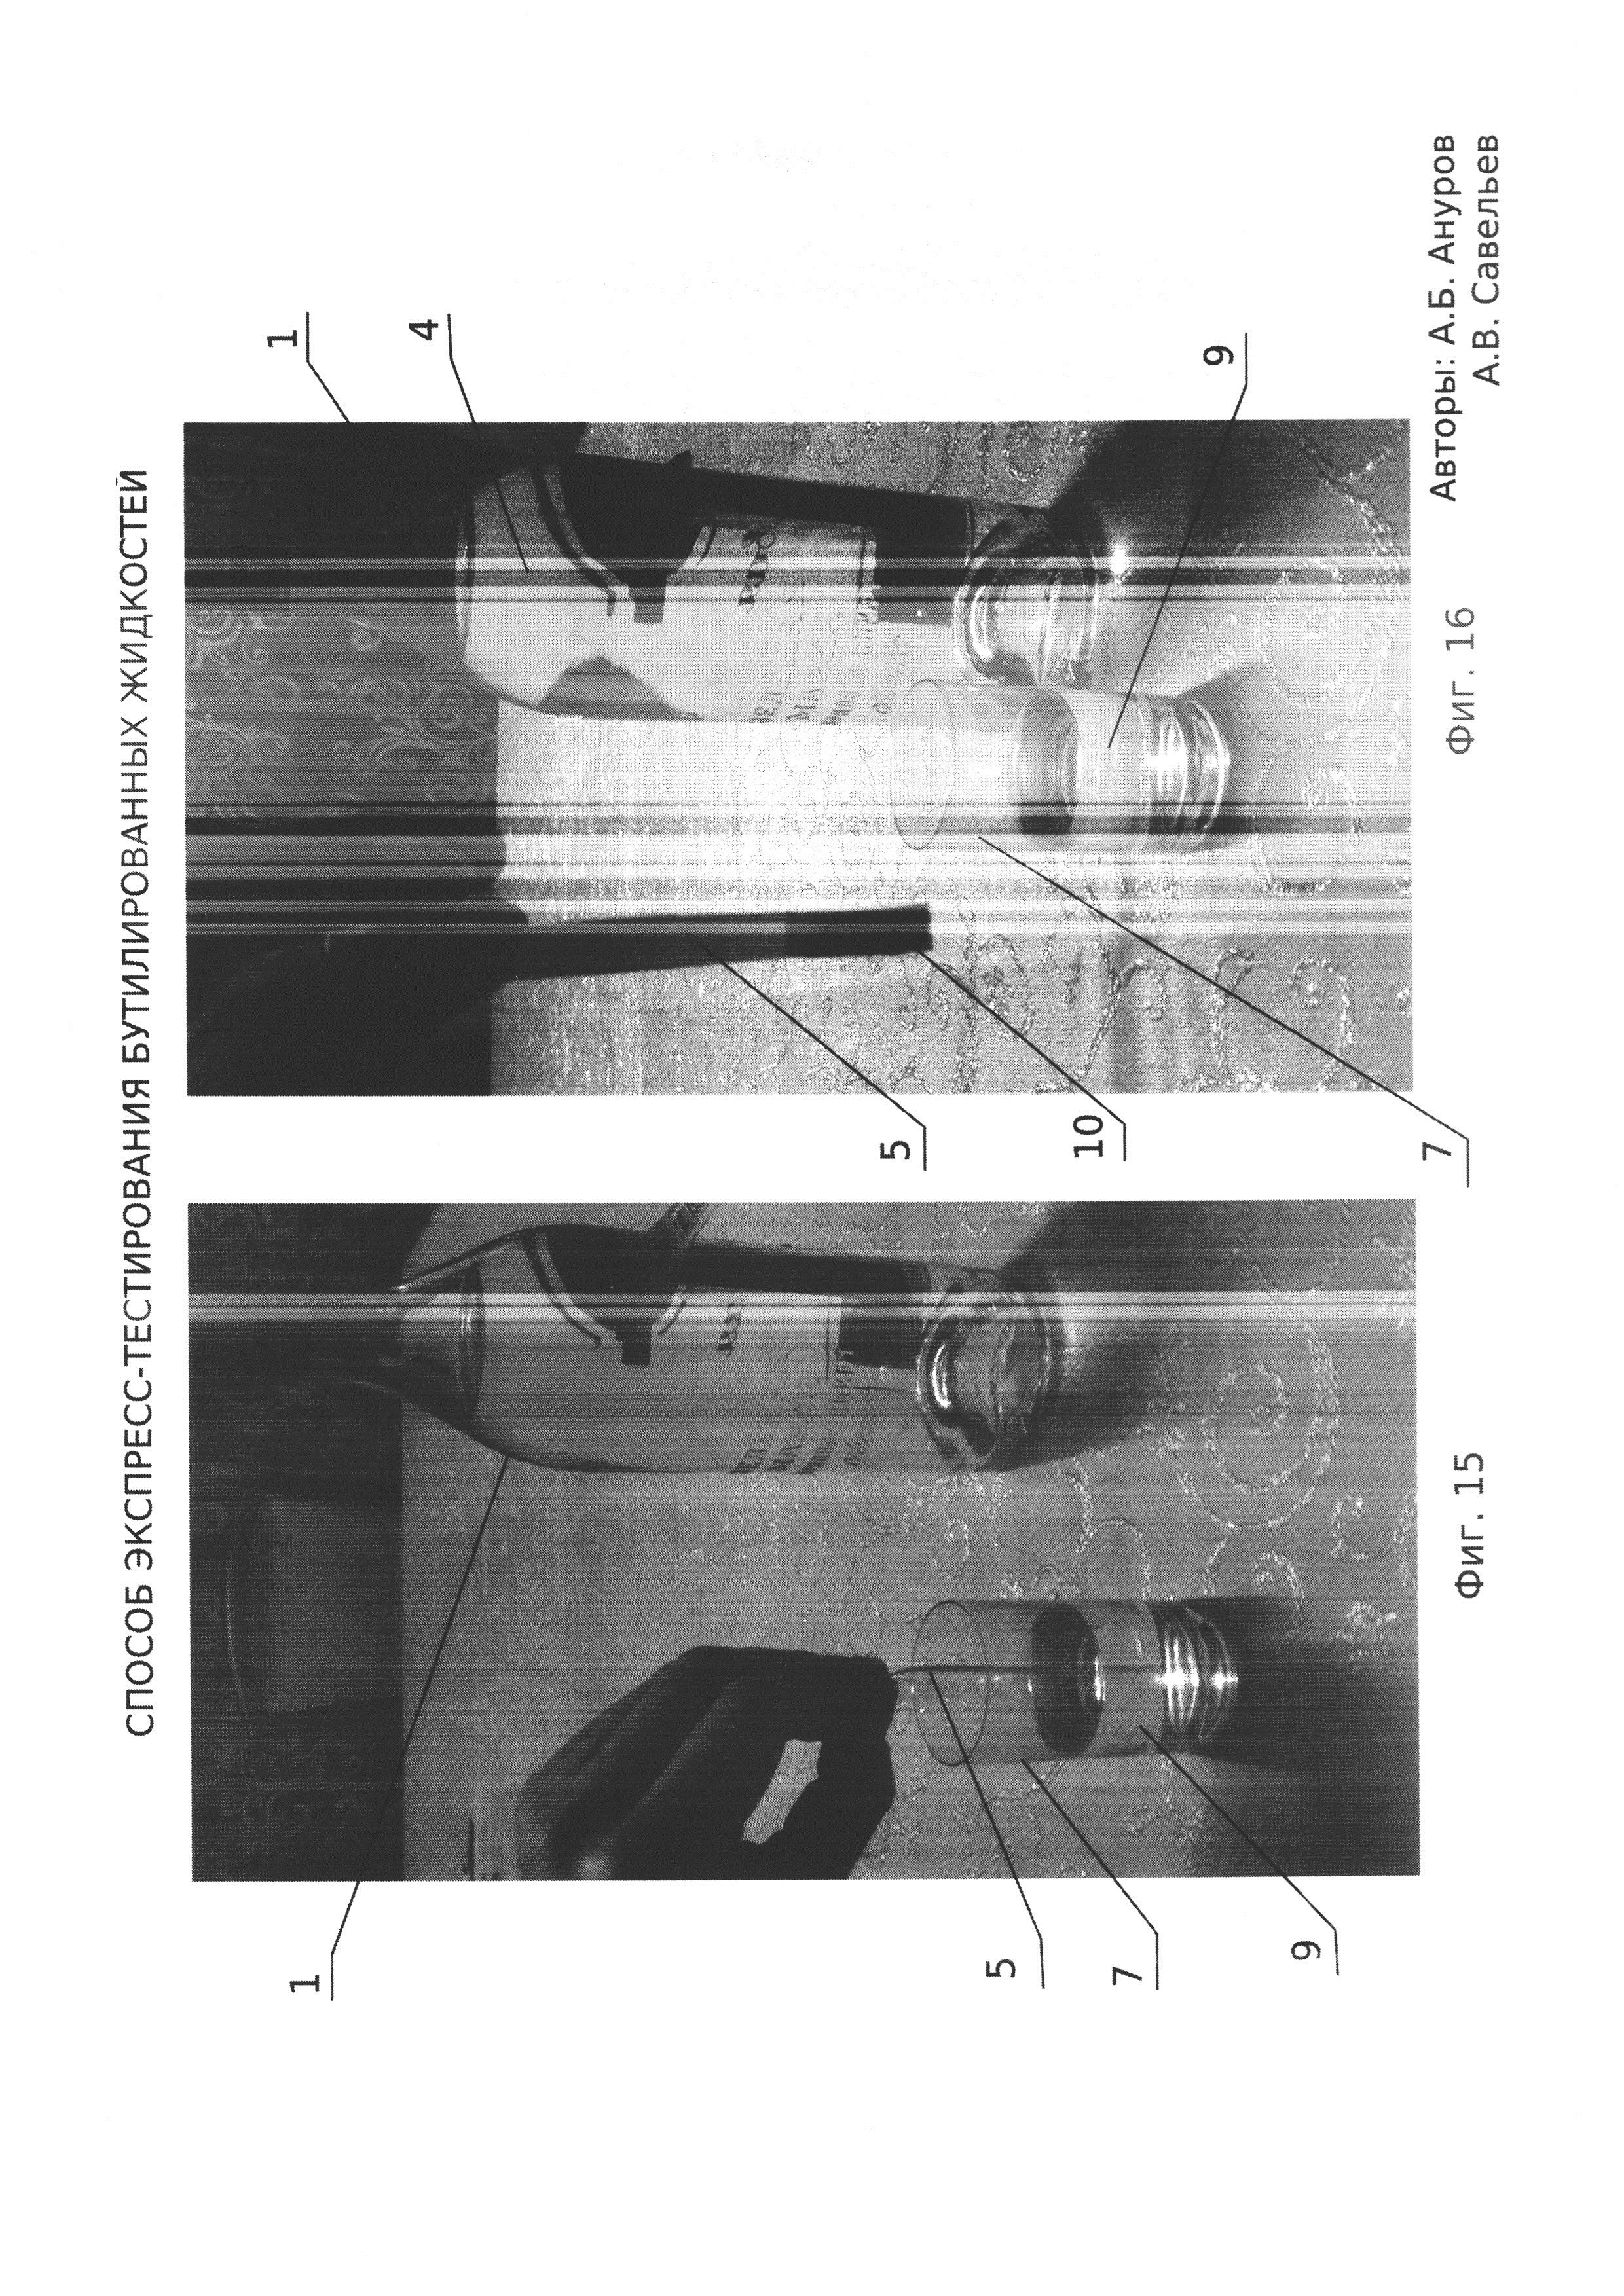 Способ экспресс-тестирования бутилированных жидкостей